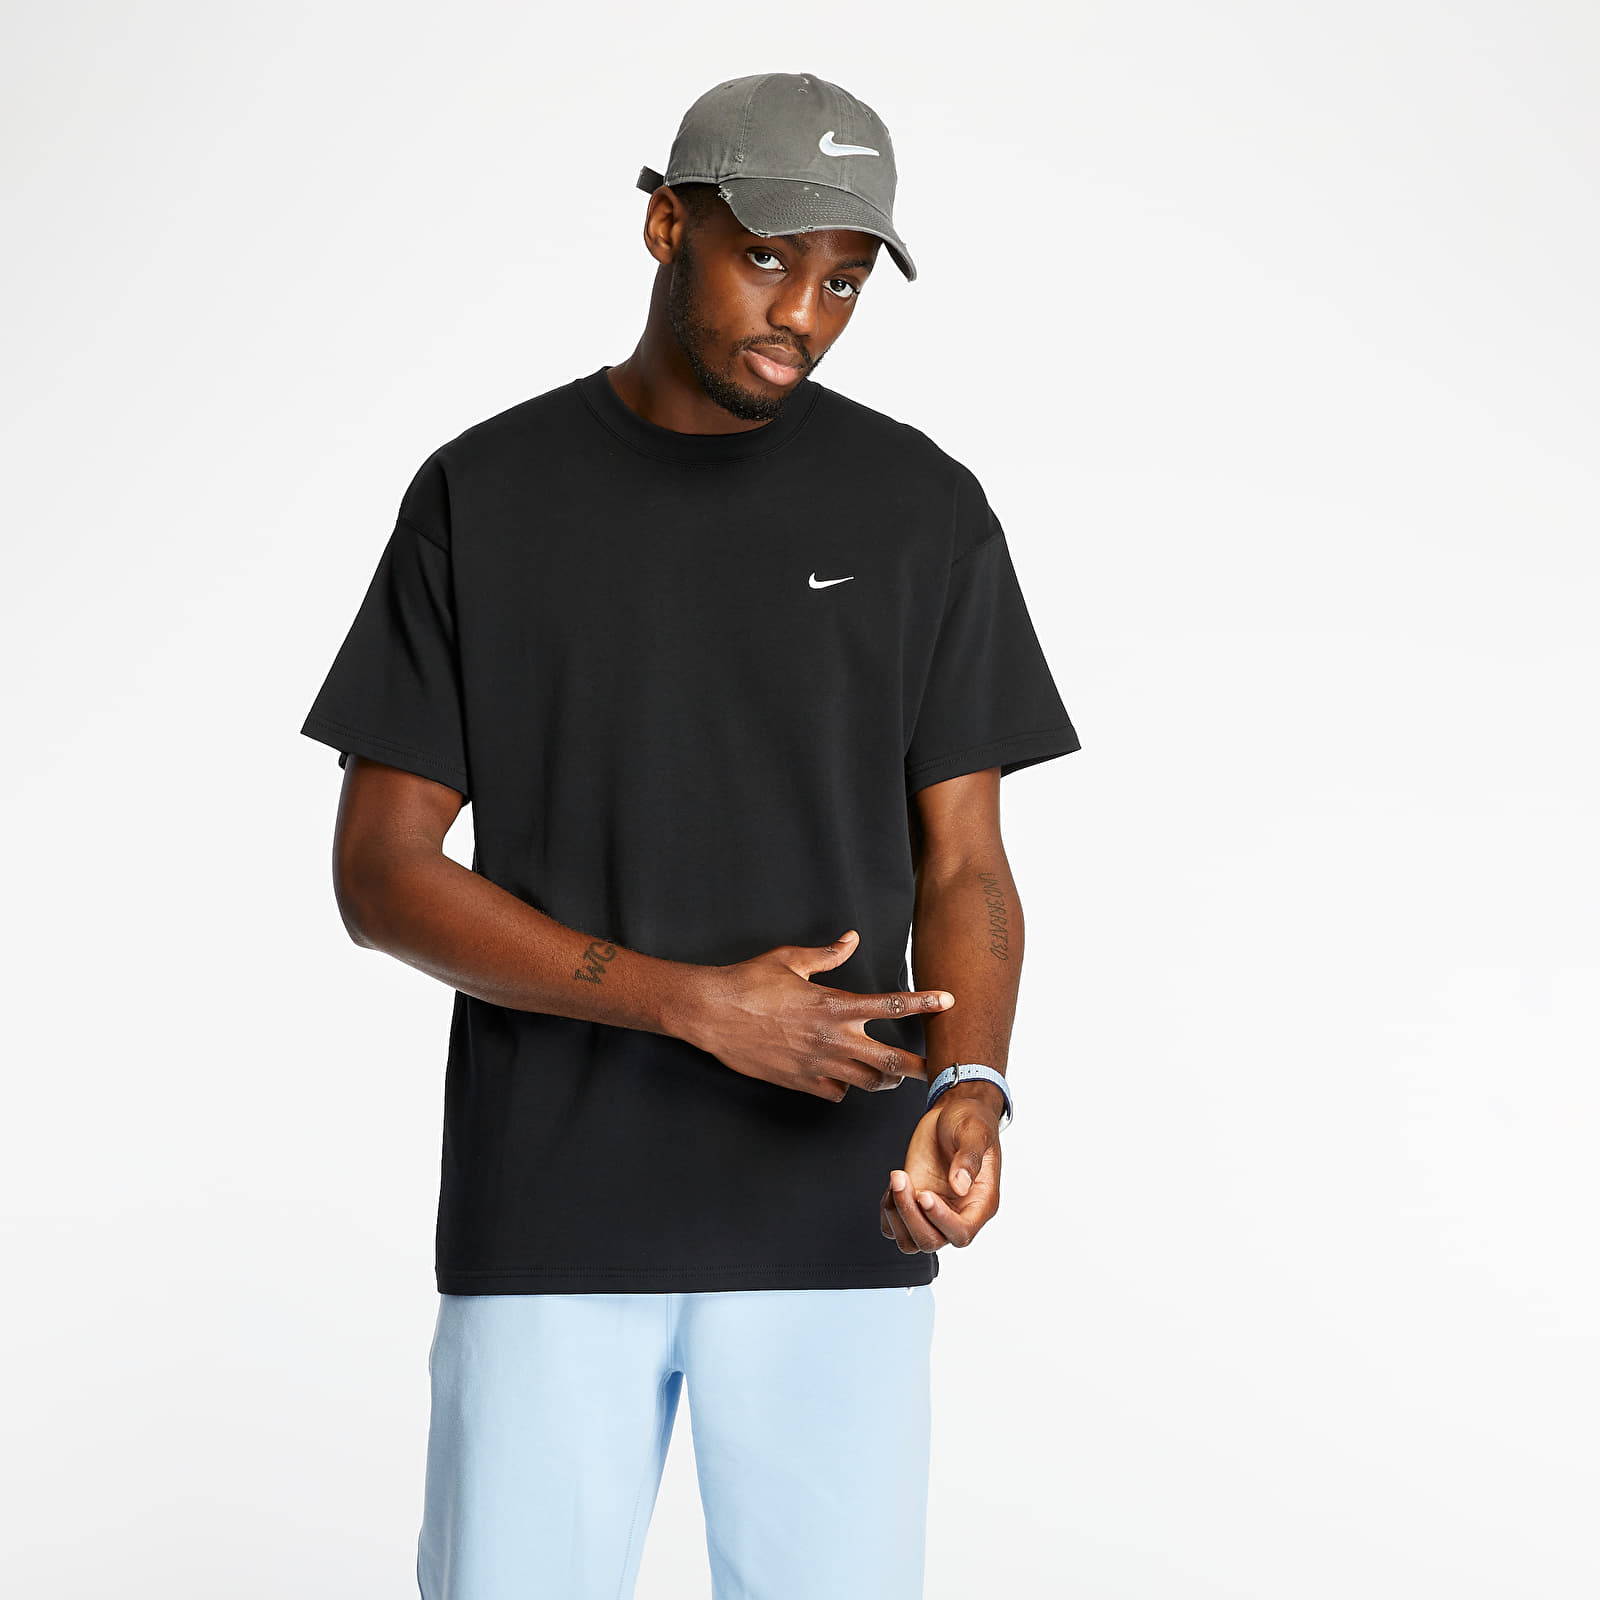 Nike NRG Swoosh Tee Black